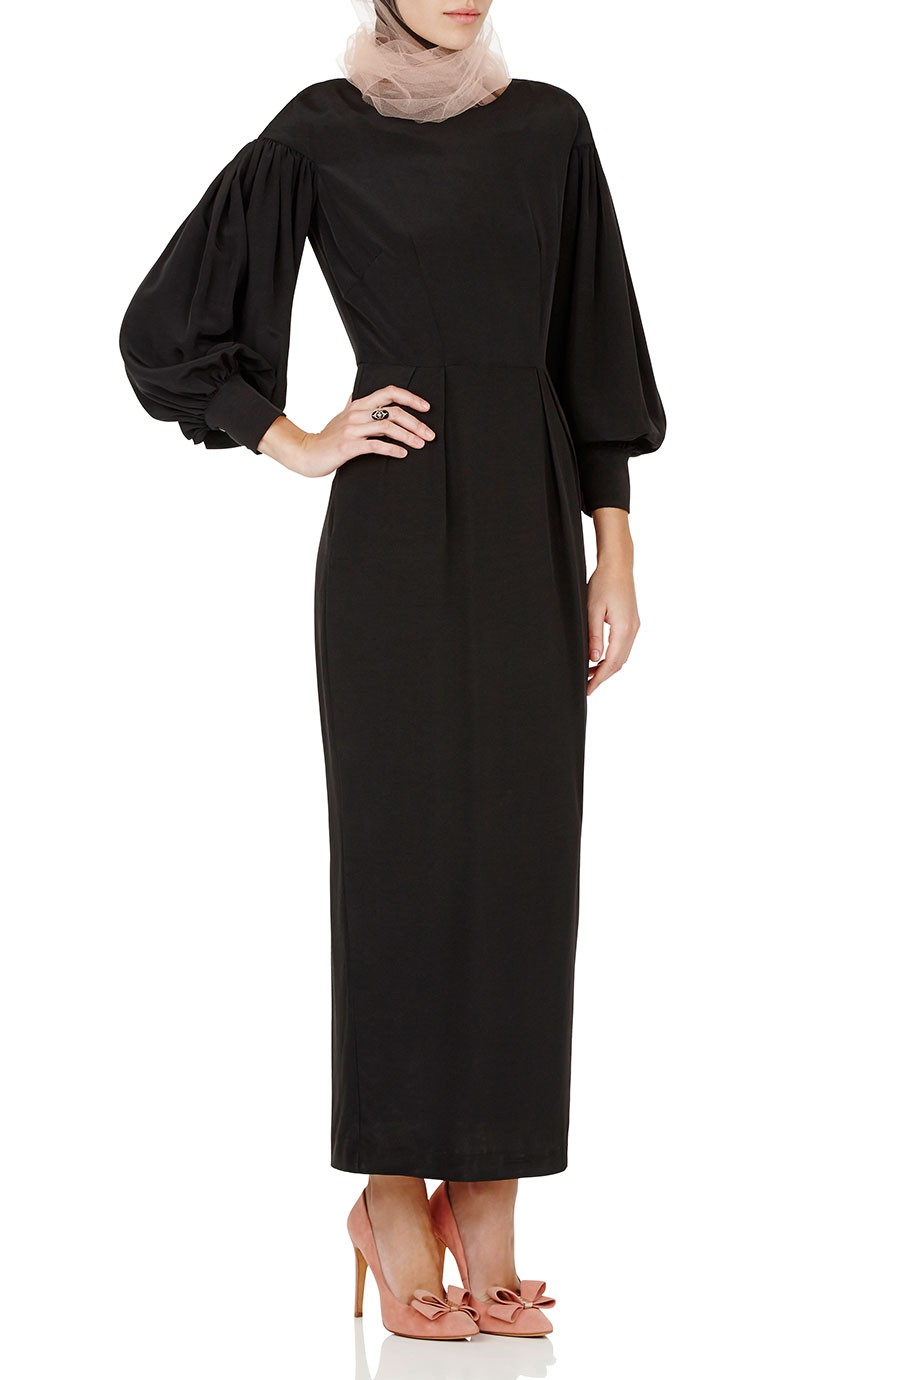 Diana-Kotb-Beacon-Dress-01